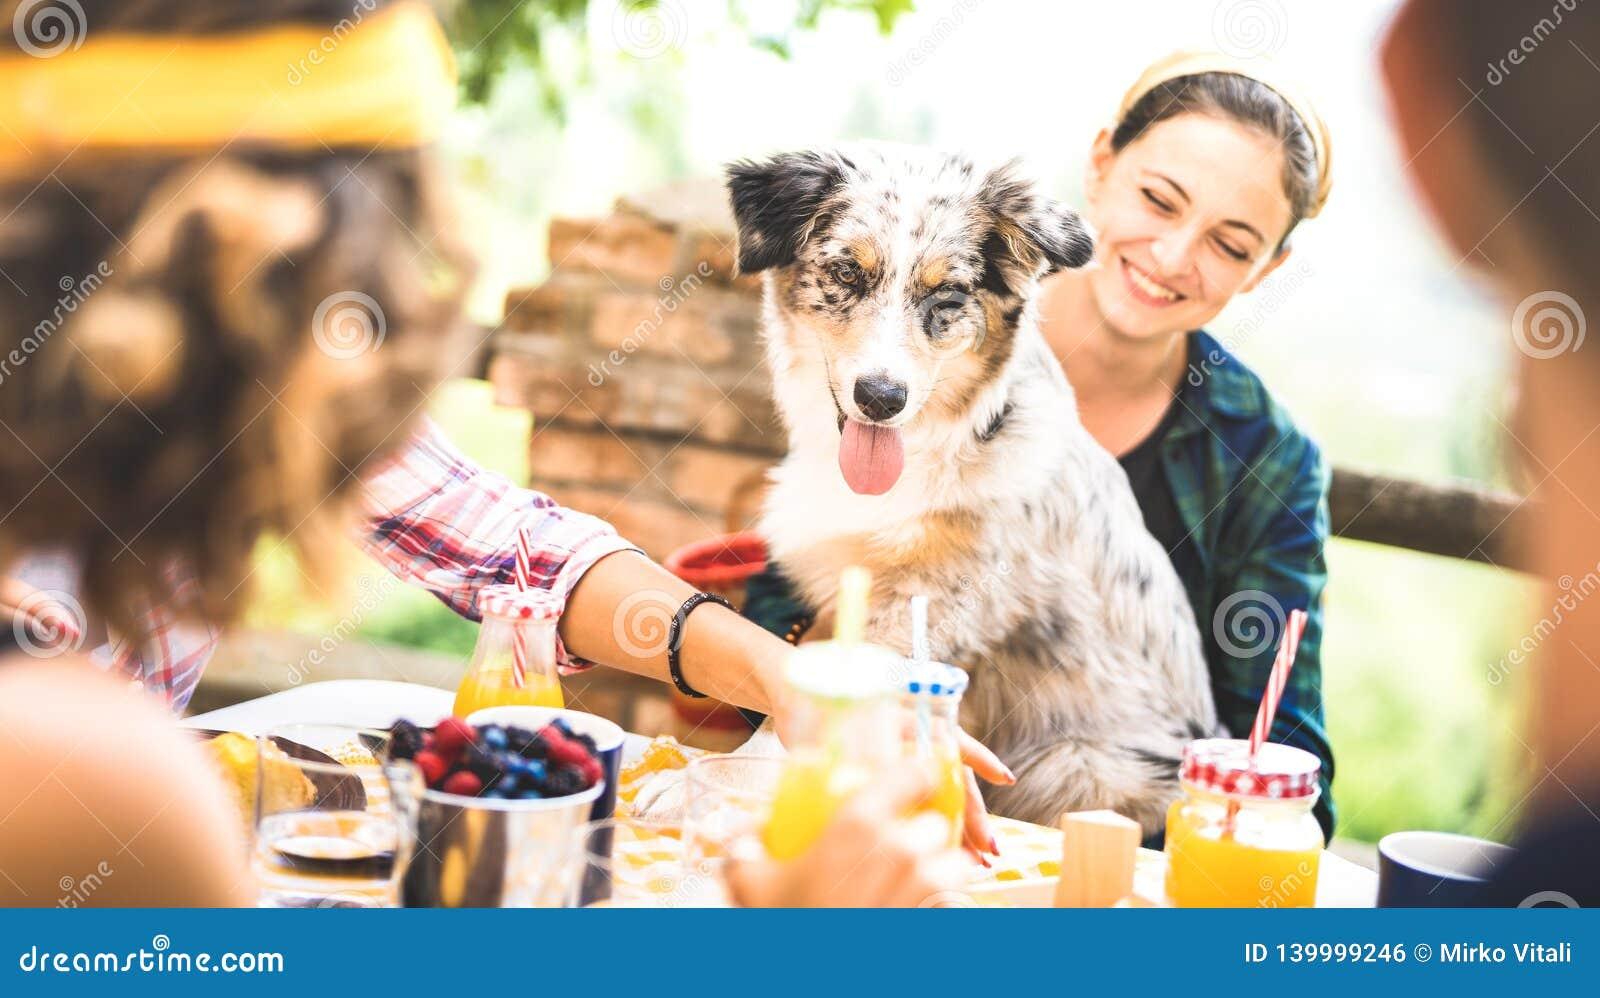 Ευτυχείς φίλοι που έχουν το υγιές πρόγευμα PIC NIC στο αγροτικό σπίτι επαρχίας - millennials νέων με το χαριτωμένο σκυλί που έχει